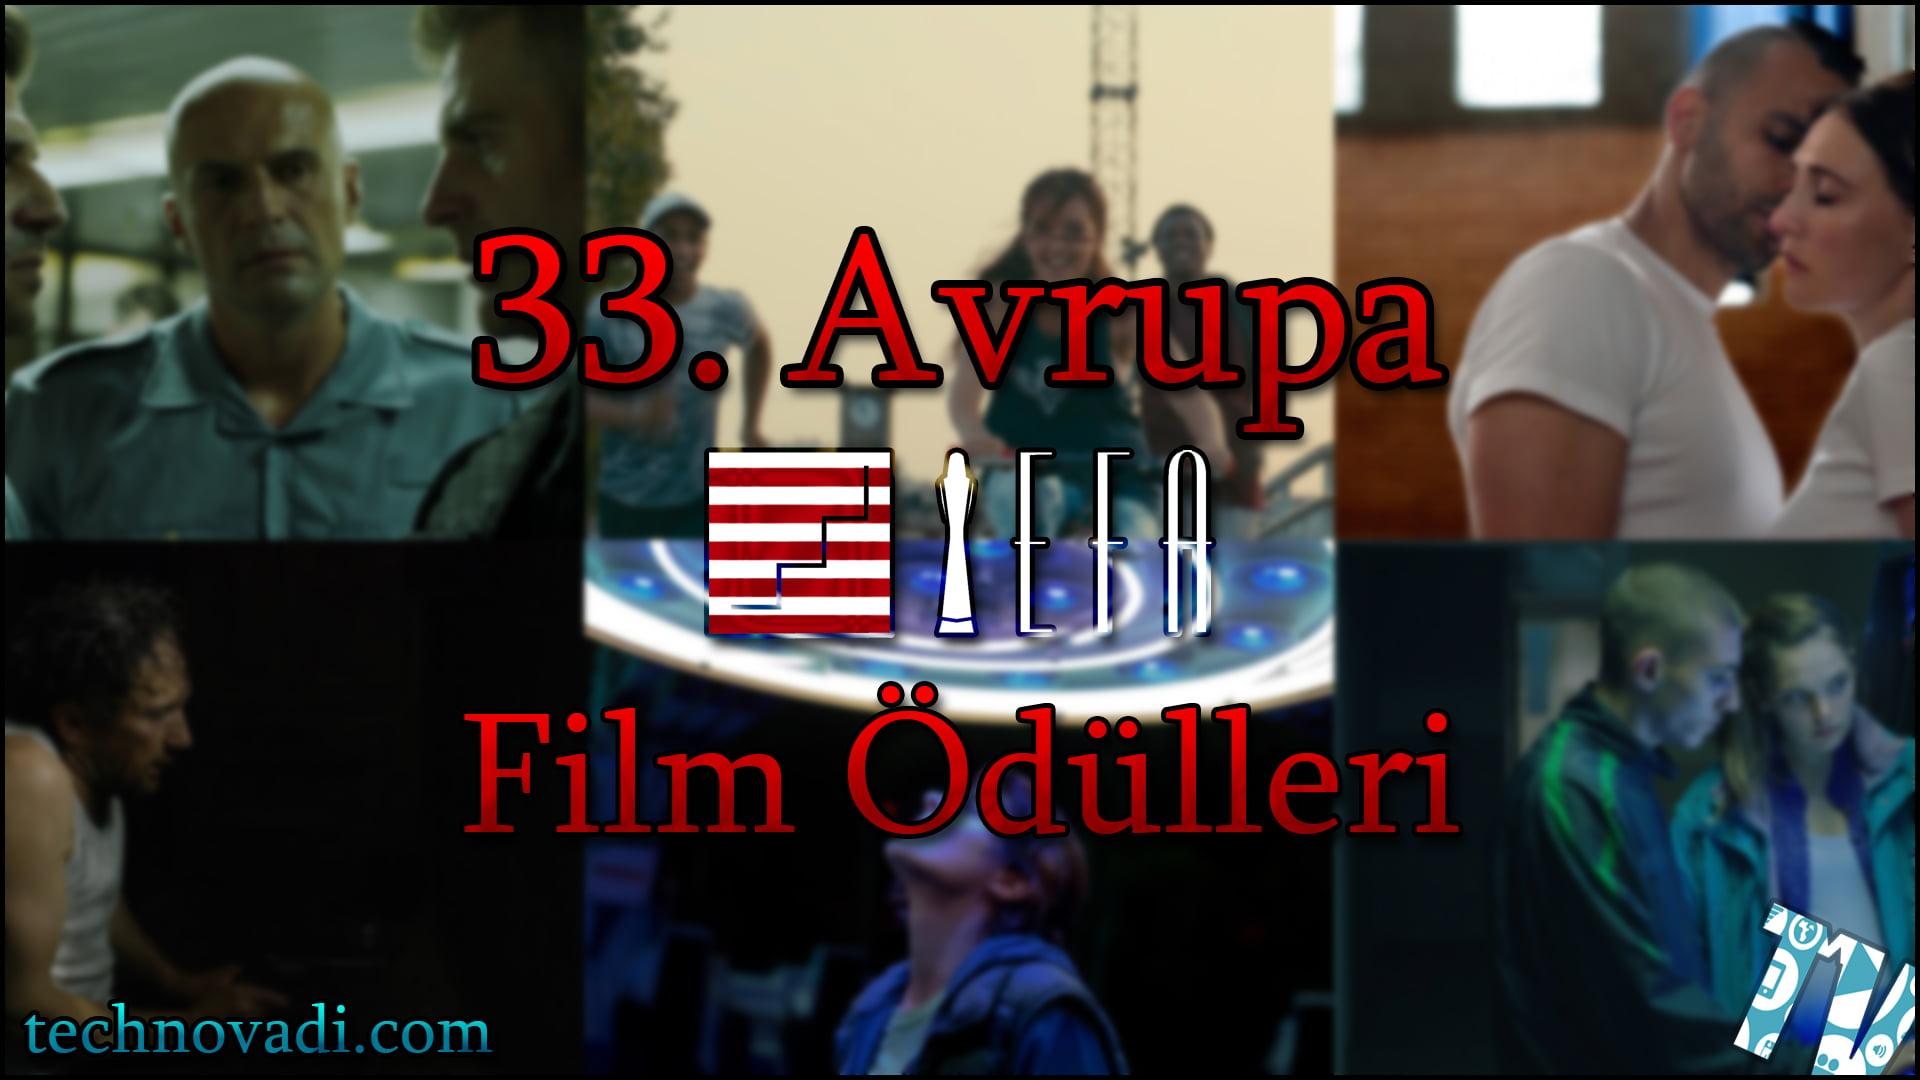 33. Avrupa Film Ödüllerinde Değerlendirilecek Filmler